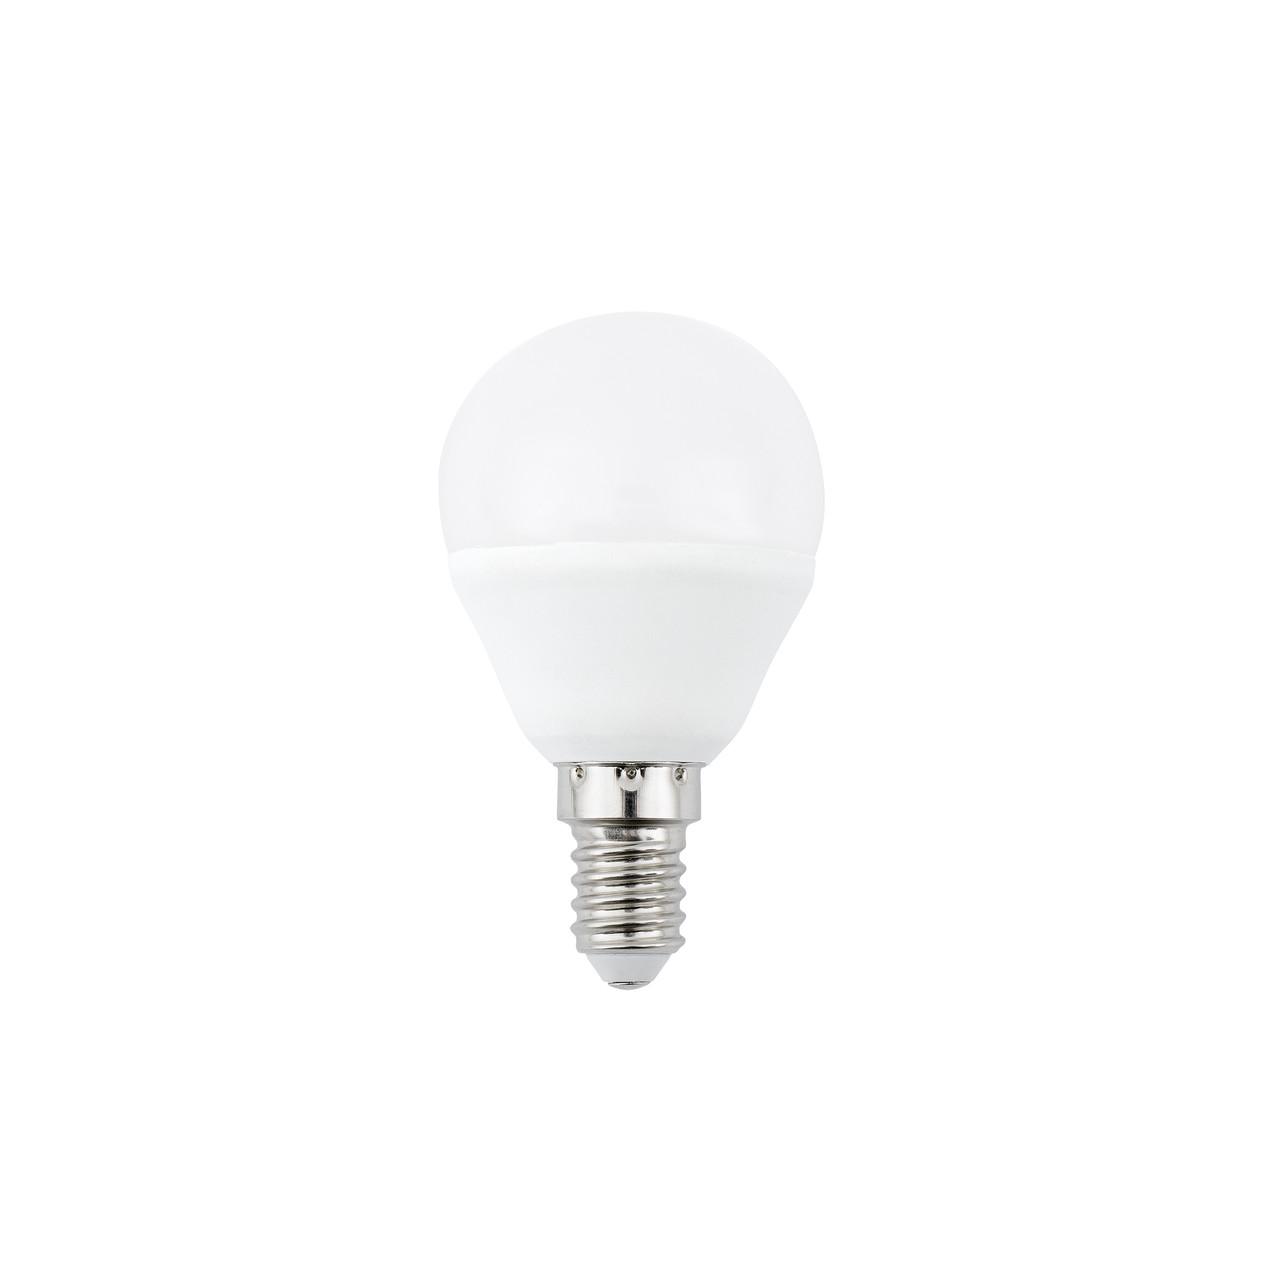 LED лампа Lebron G45 4W Е14 3000K 320Lm